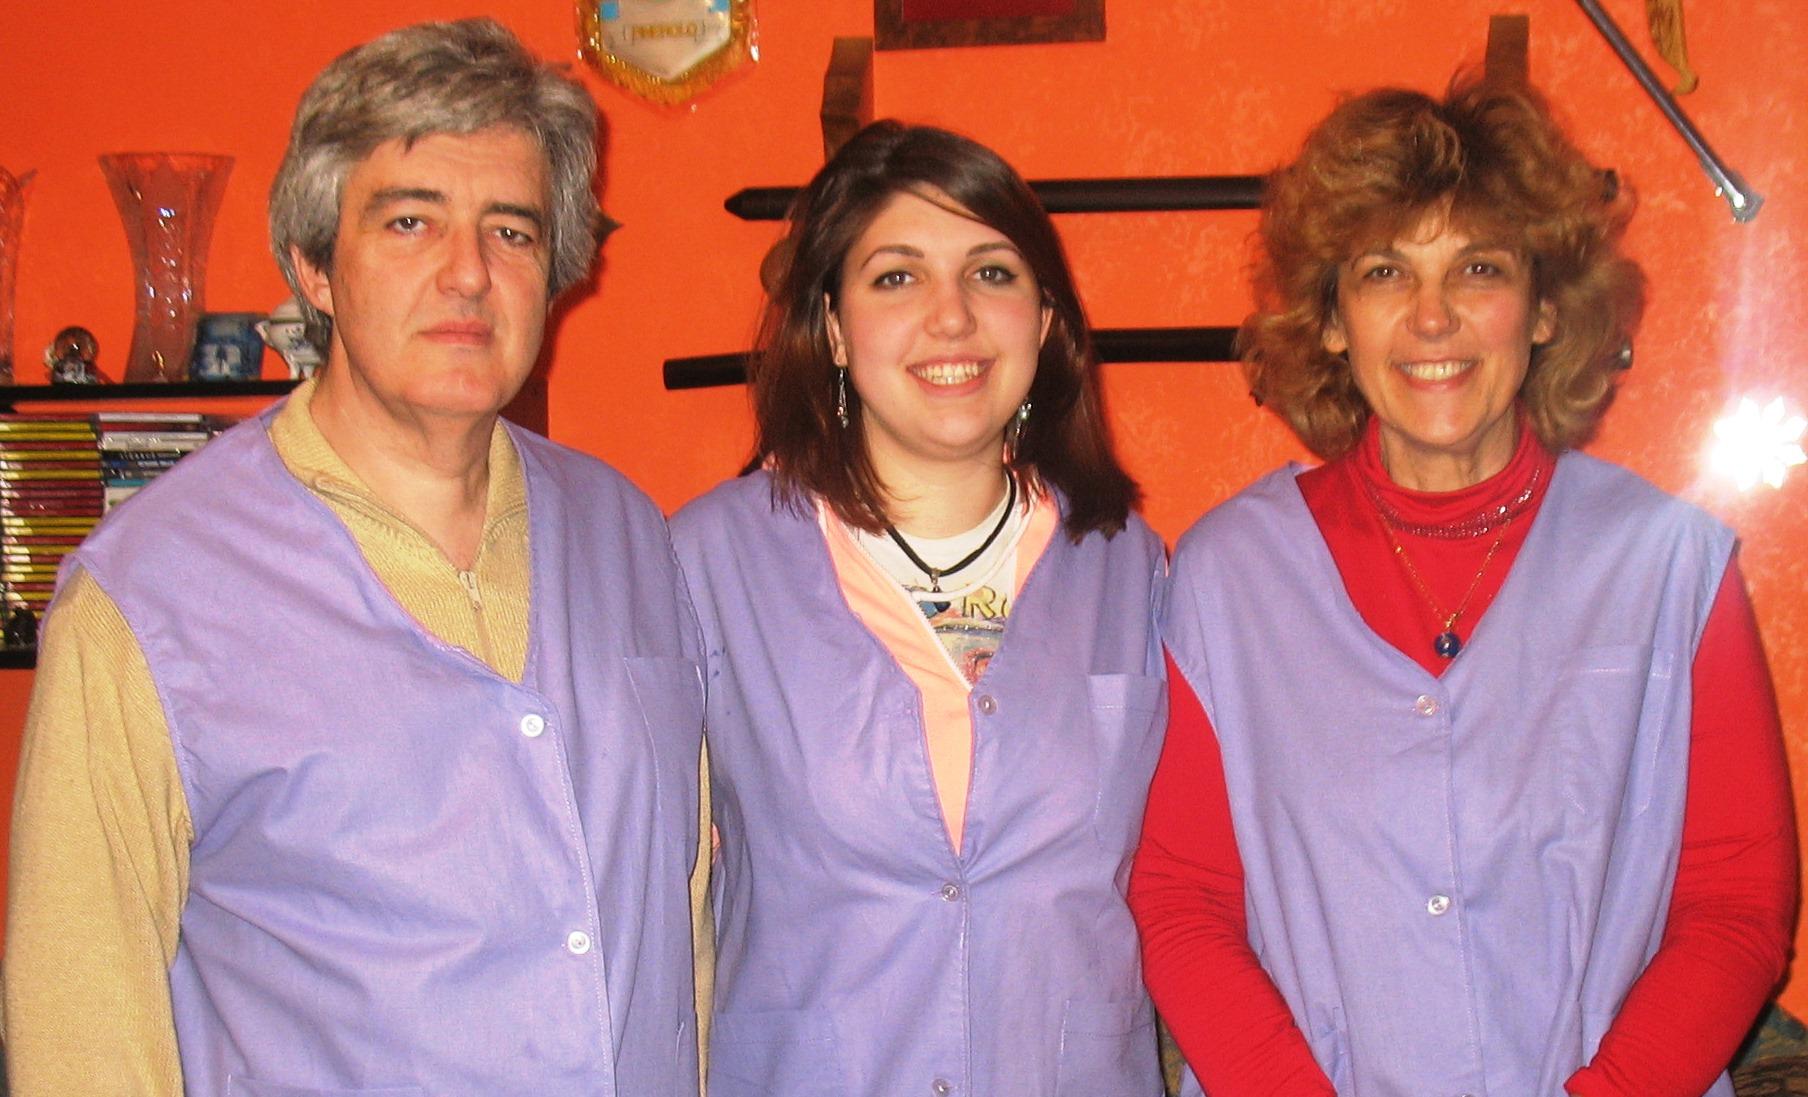 #sindone2015. Una famiglia della Val Pellice tra i volontari per l'ostensione